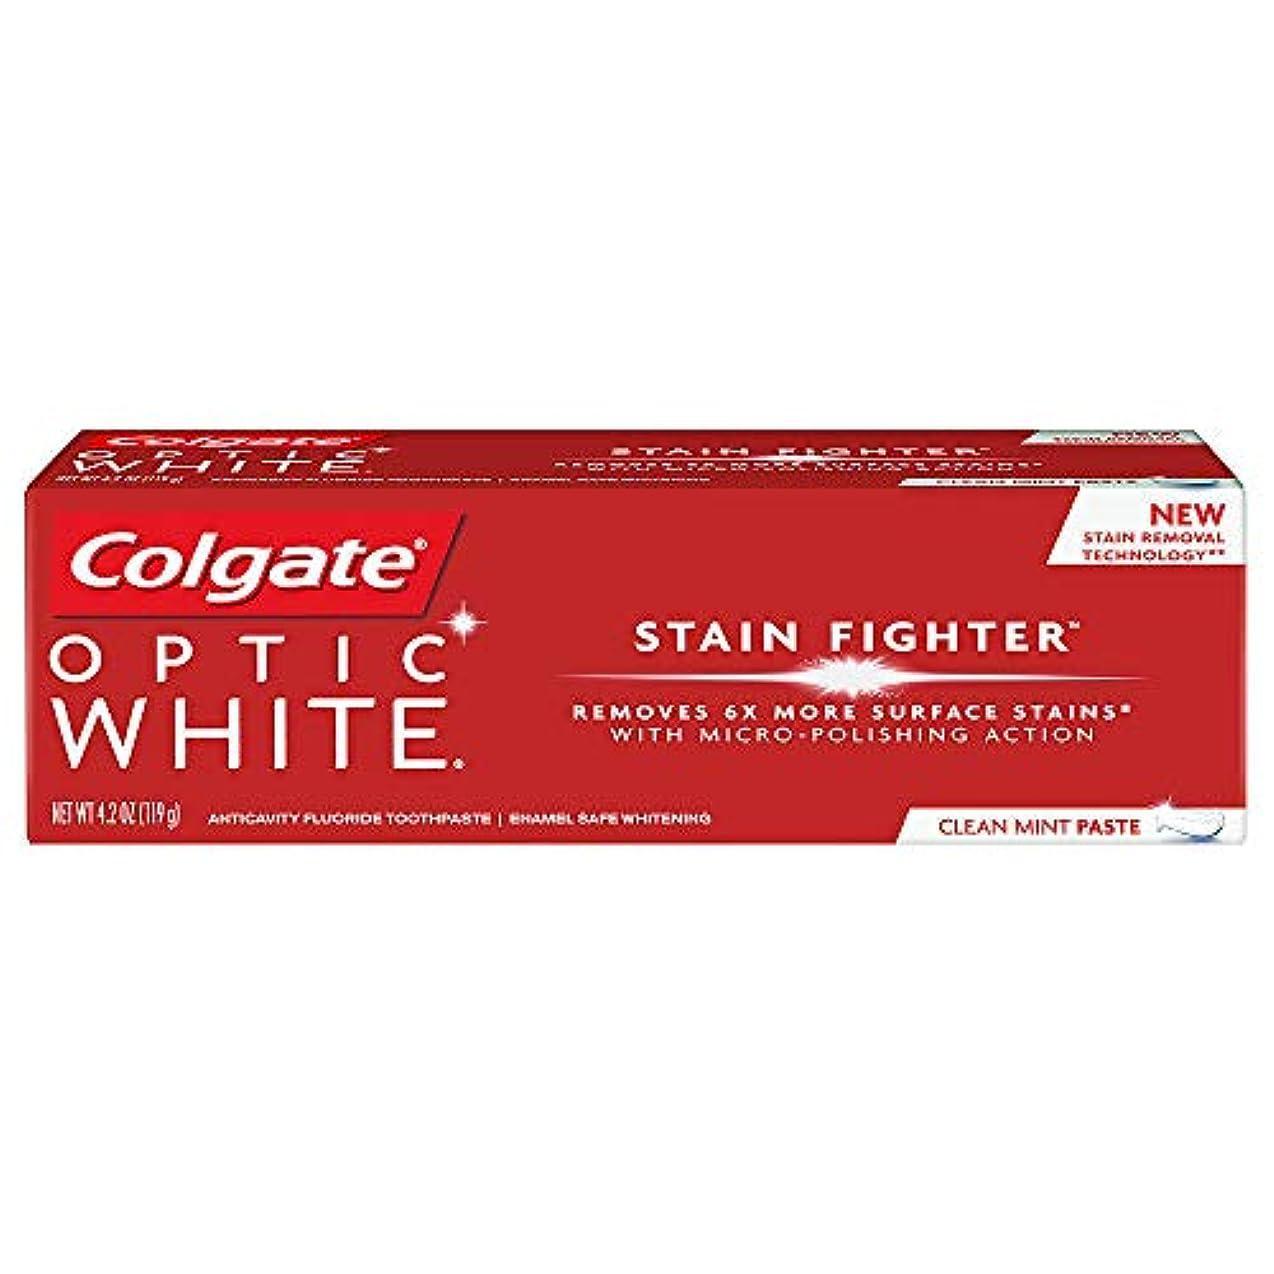 コルゲート ホワイトニング Colgate 119g Optic White STAIN FIGHTER 白い歯 歯磨き粉 ミント (Clean Mint Paste)